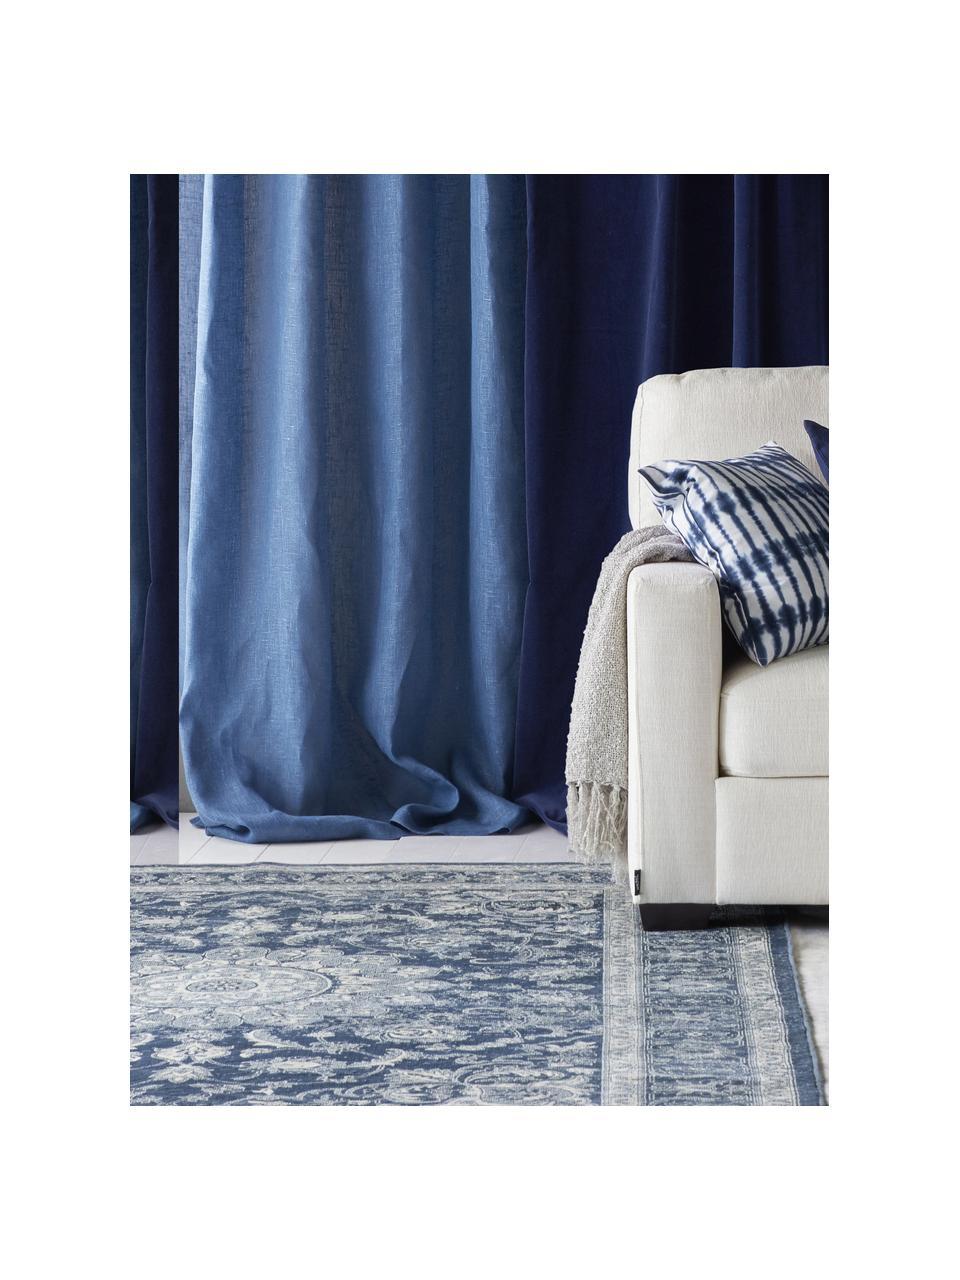 Dywan z wiskozy w stylu vintage Tortona, 70% wiskoza, 30% bawełna, Niebieski, odcienie kremowego, S 140 x D 200 cm (Rozmiar S)